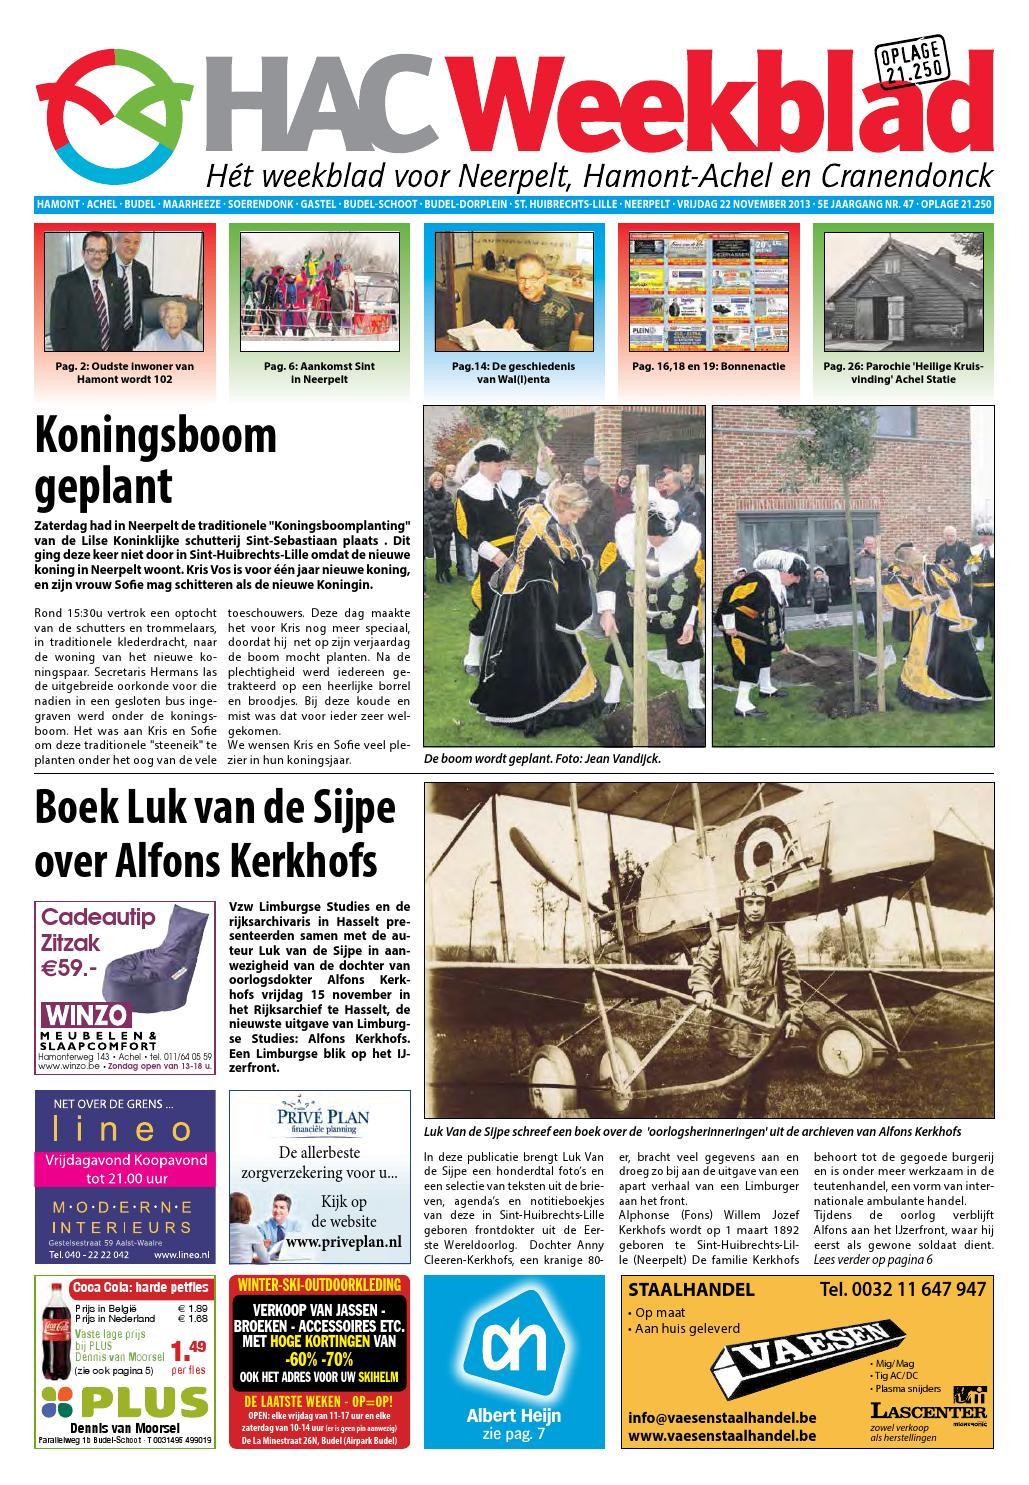 Rode Kater Zitzak.Hac Neerpelt Week 47 2013 By Hac Weekblad Issuu